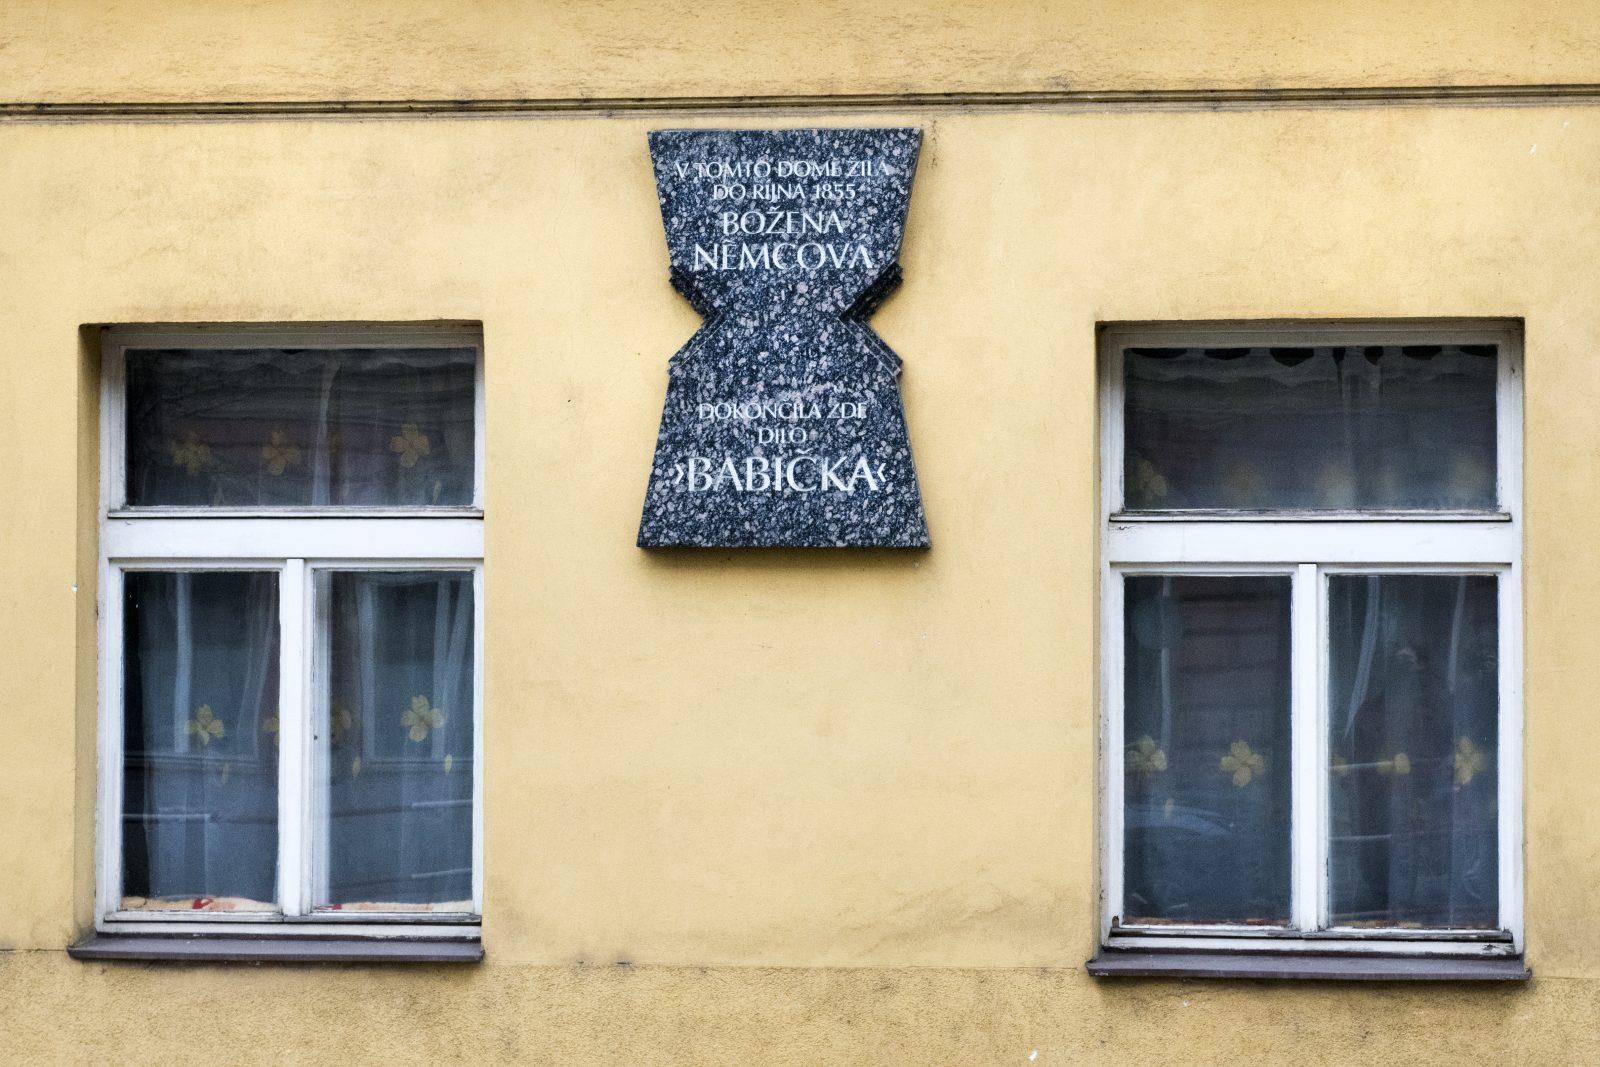 Ve Vyšehradské ulici najdeme další pamětní desku. Abychom pochopili její nezvyklý tvar, je potřeba naklonit hlavu – má totiž zobrazovat otevřenou knihu postavenou na výšku.